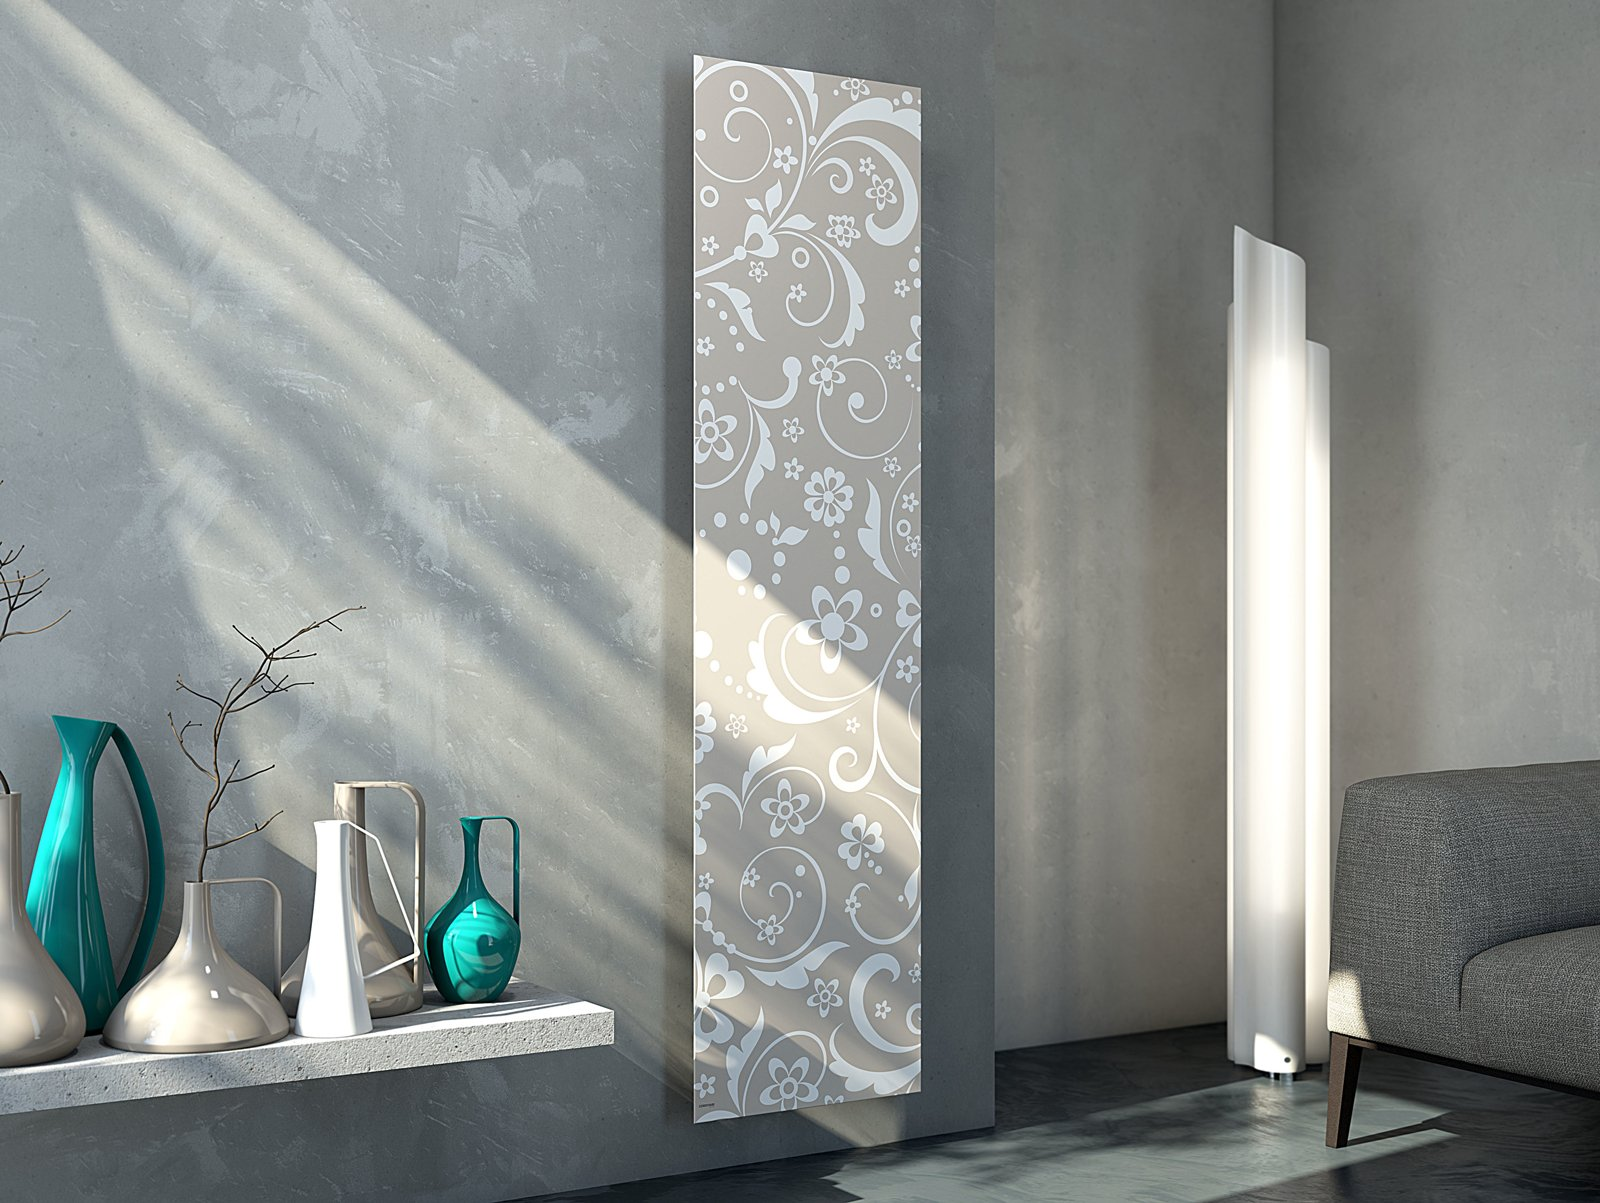 I nuovi radiatori al cersaie 2014 per un calore senza sprechi cose di casa for Termosifoni per bagno prezzi